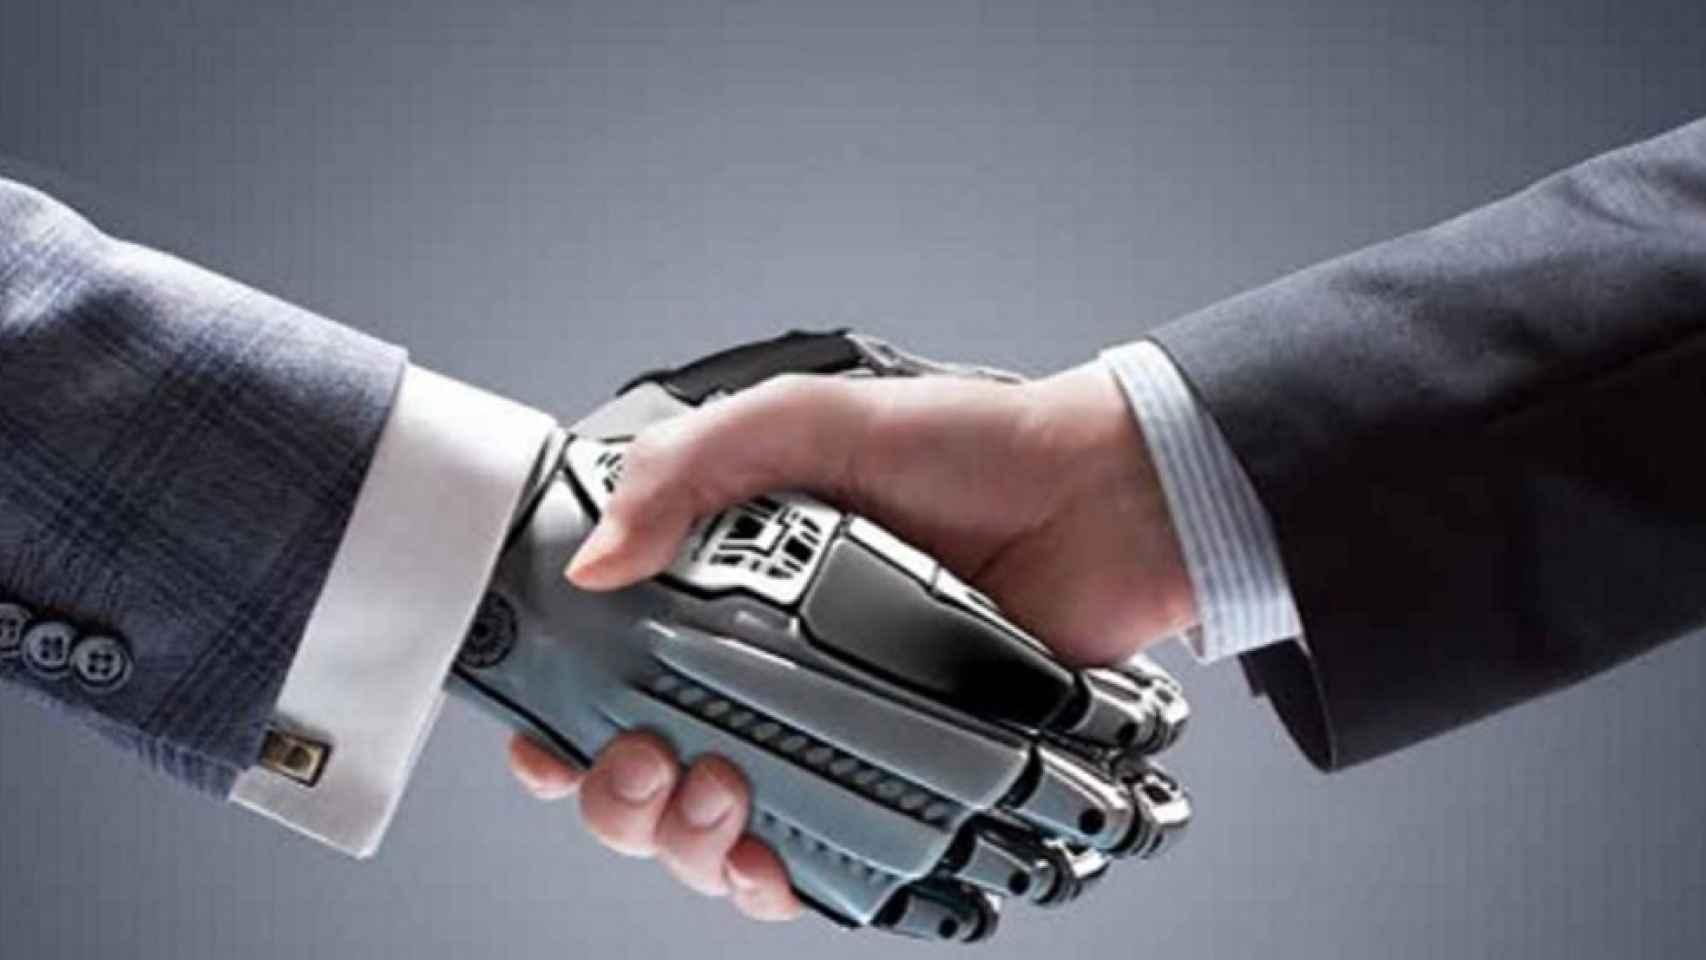 La robotización podría aumentar el número de ocupados en más de 2 millones en 15 años